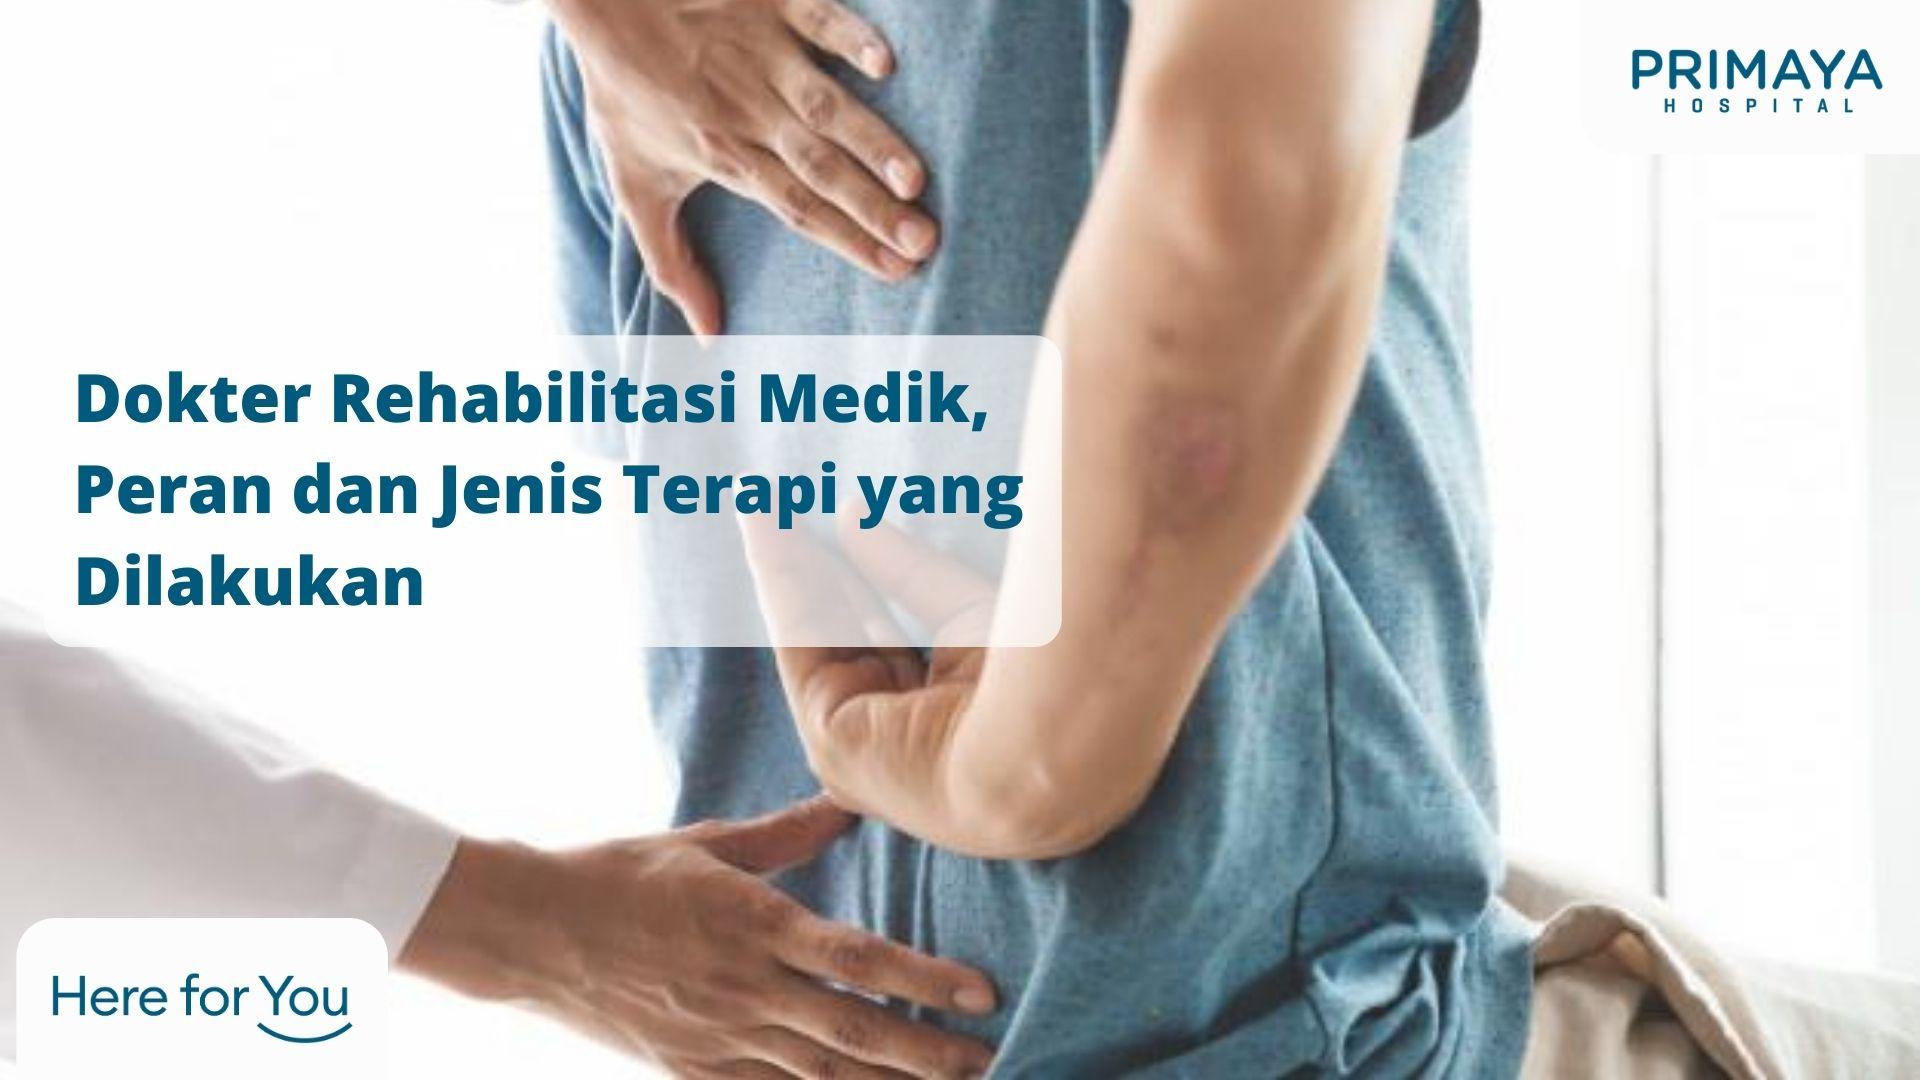 Dokter Rehabilitasi Medik, Peran dan Jenis Terapi yang Dilakukan